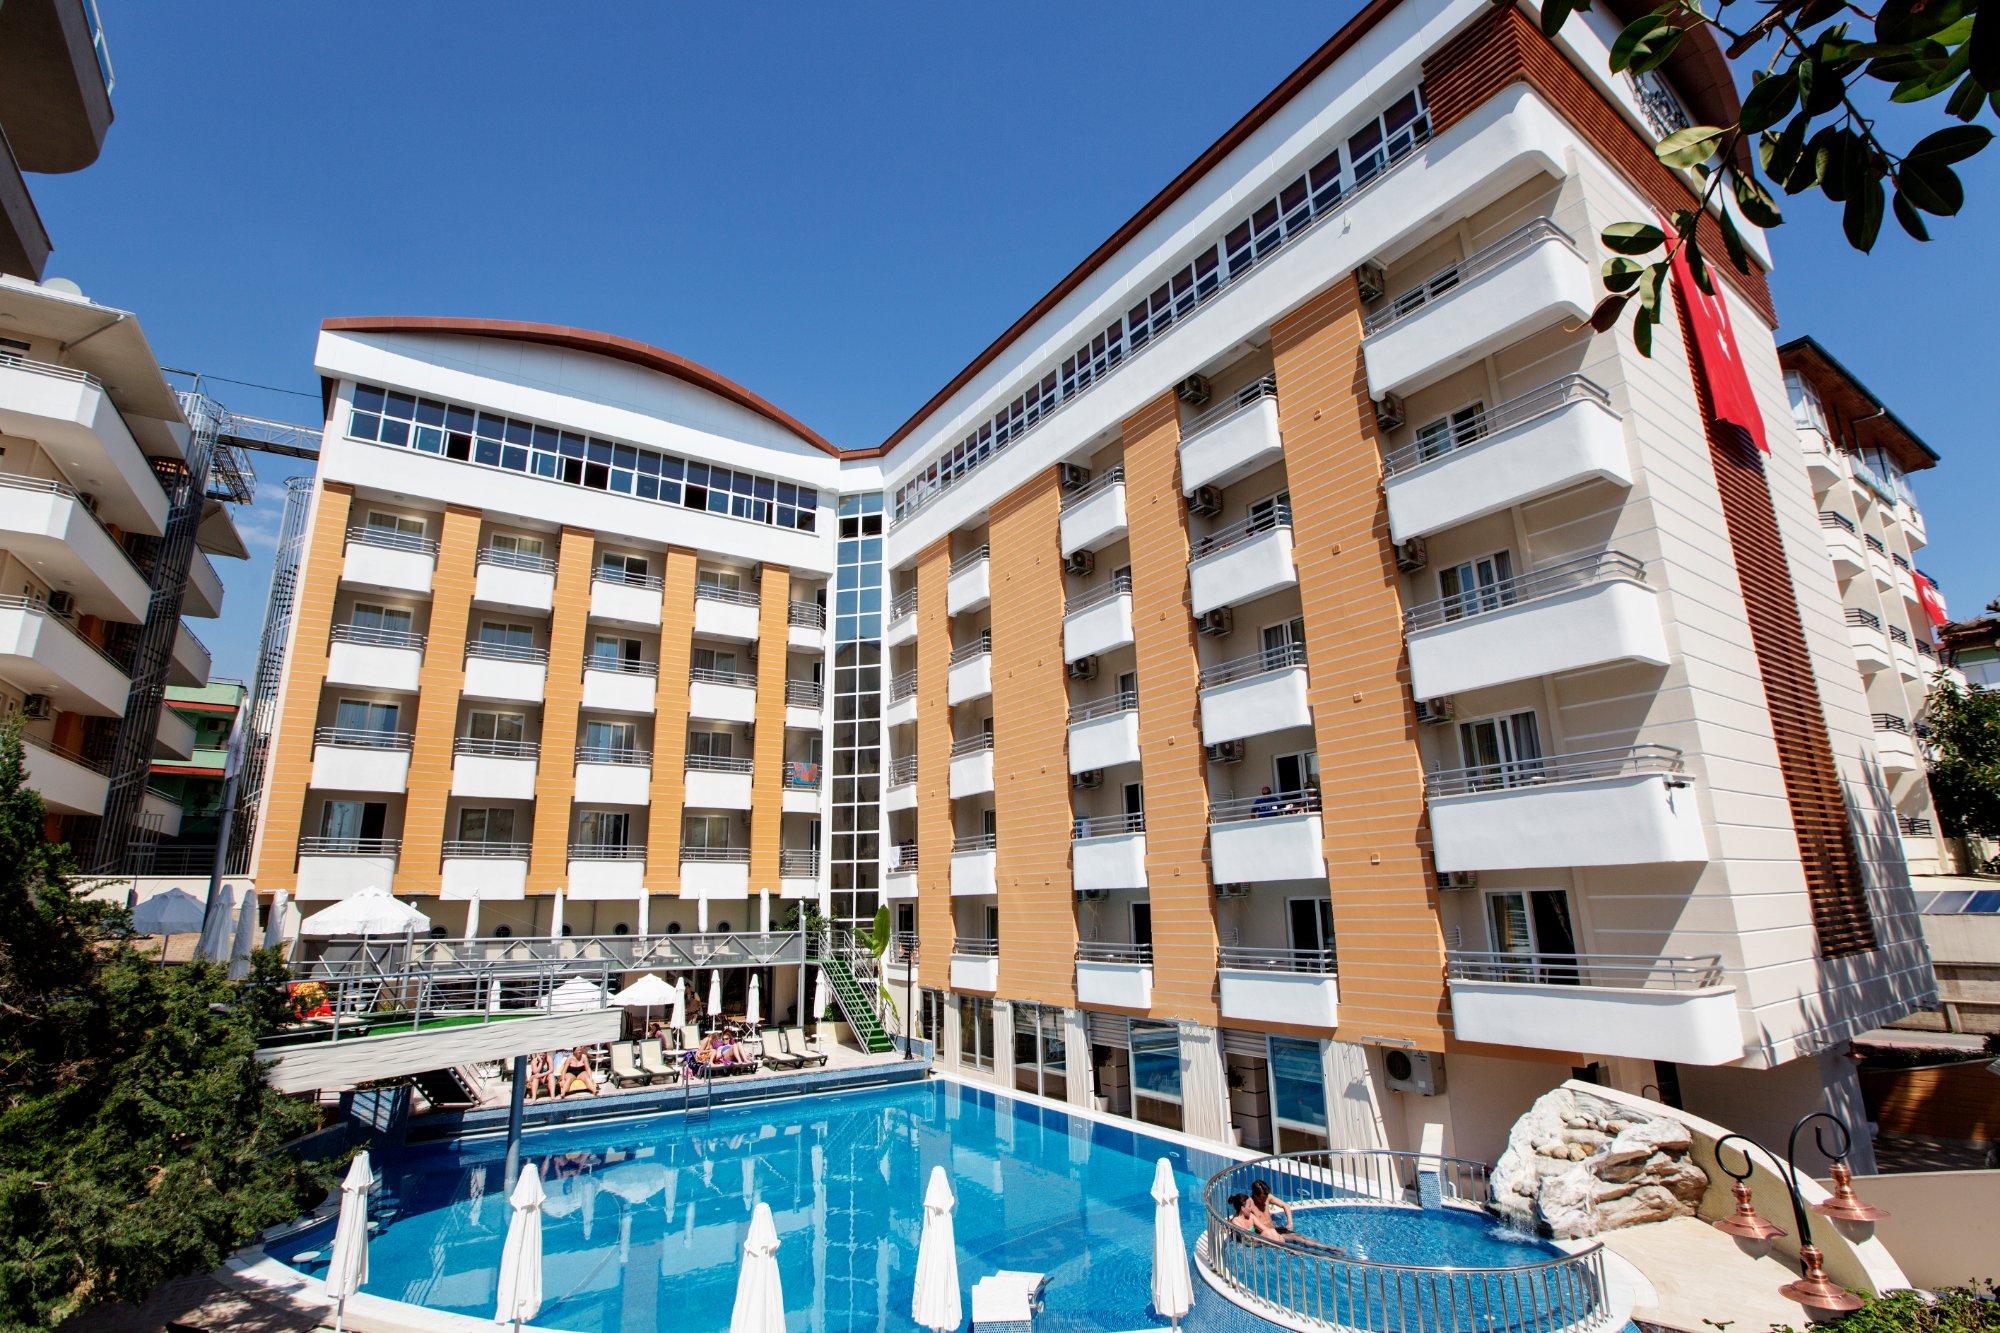 阿拉伊耶克婁巴特拉飯店